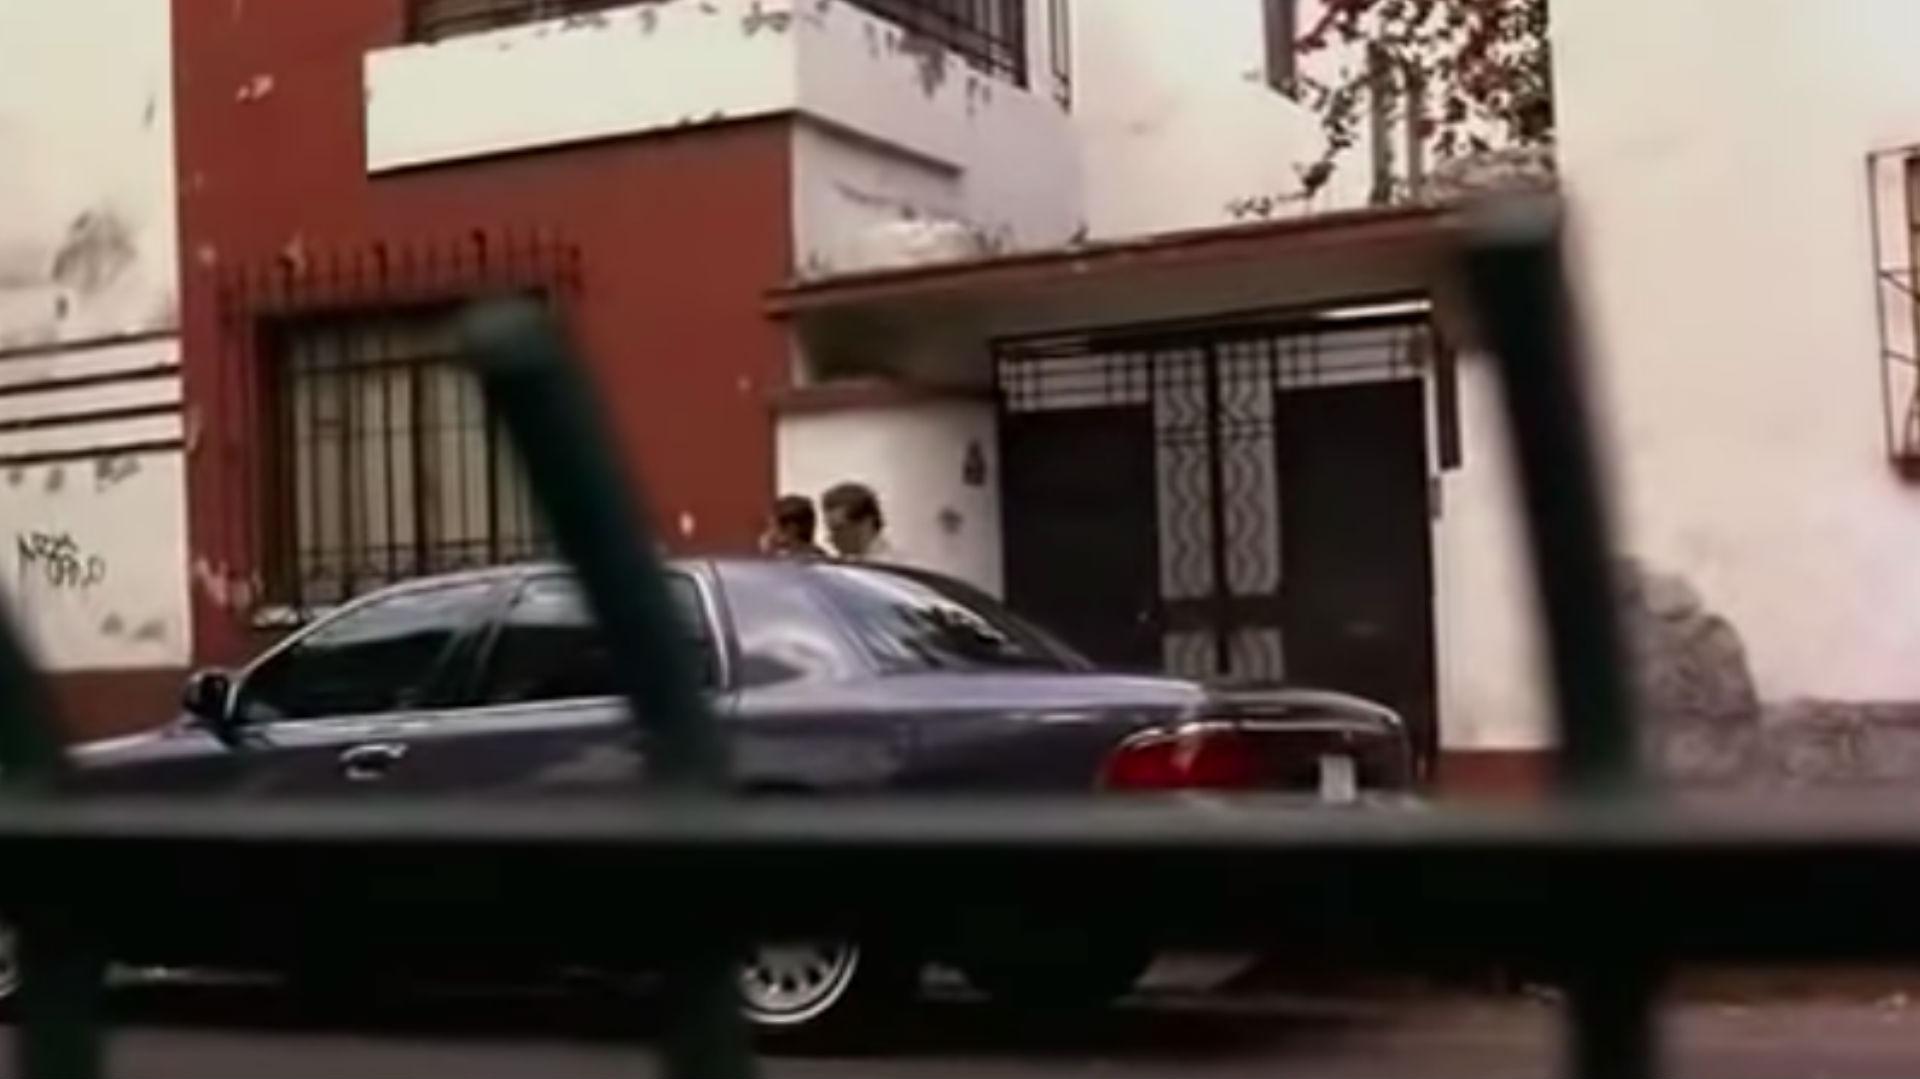 """Esta es la fachada de la casa """"Cañitas"""" en la película homónima (Foto: Película Cañitas)"""